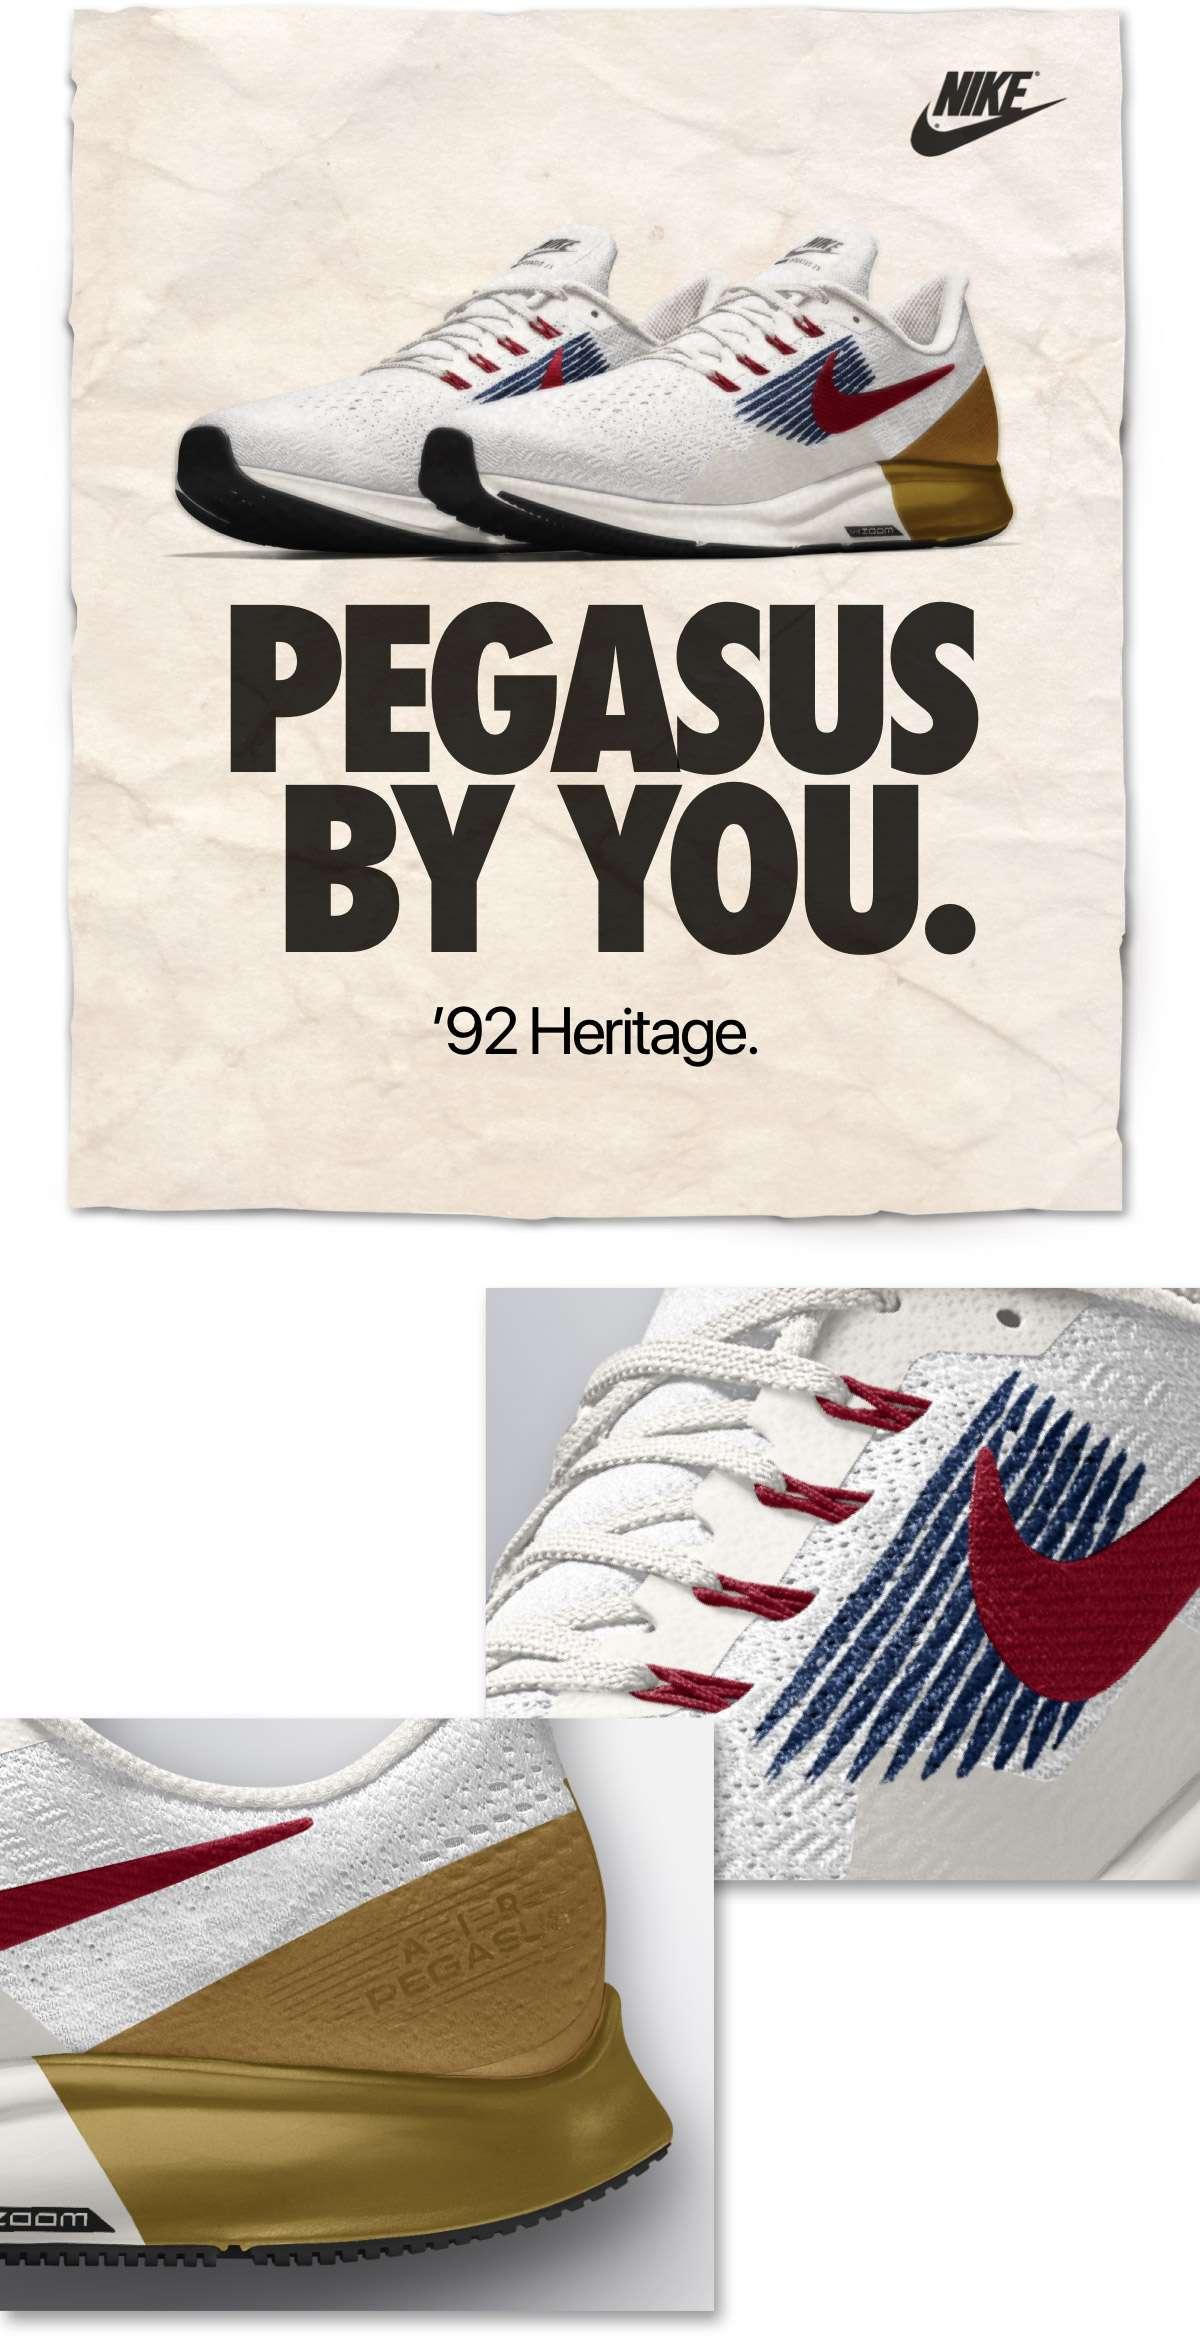 NIKE | PEGASUS BY YOU. | '92 Heritage.